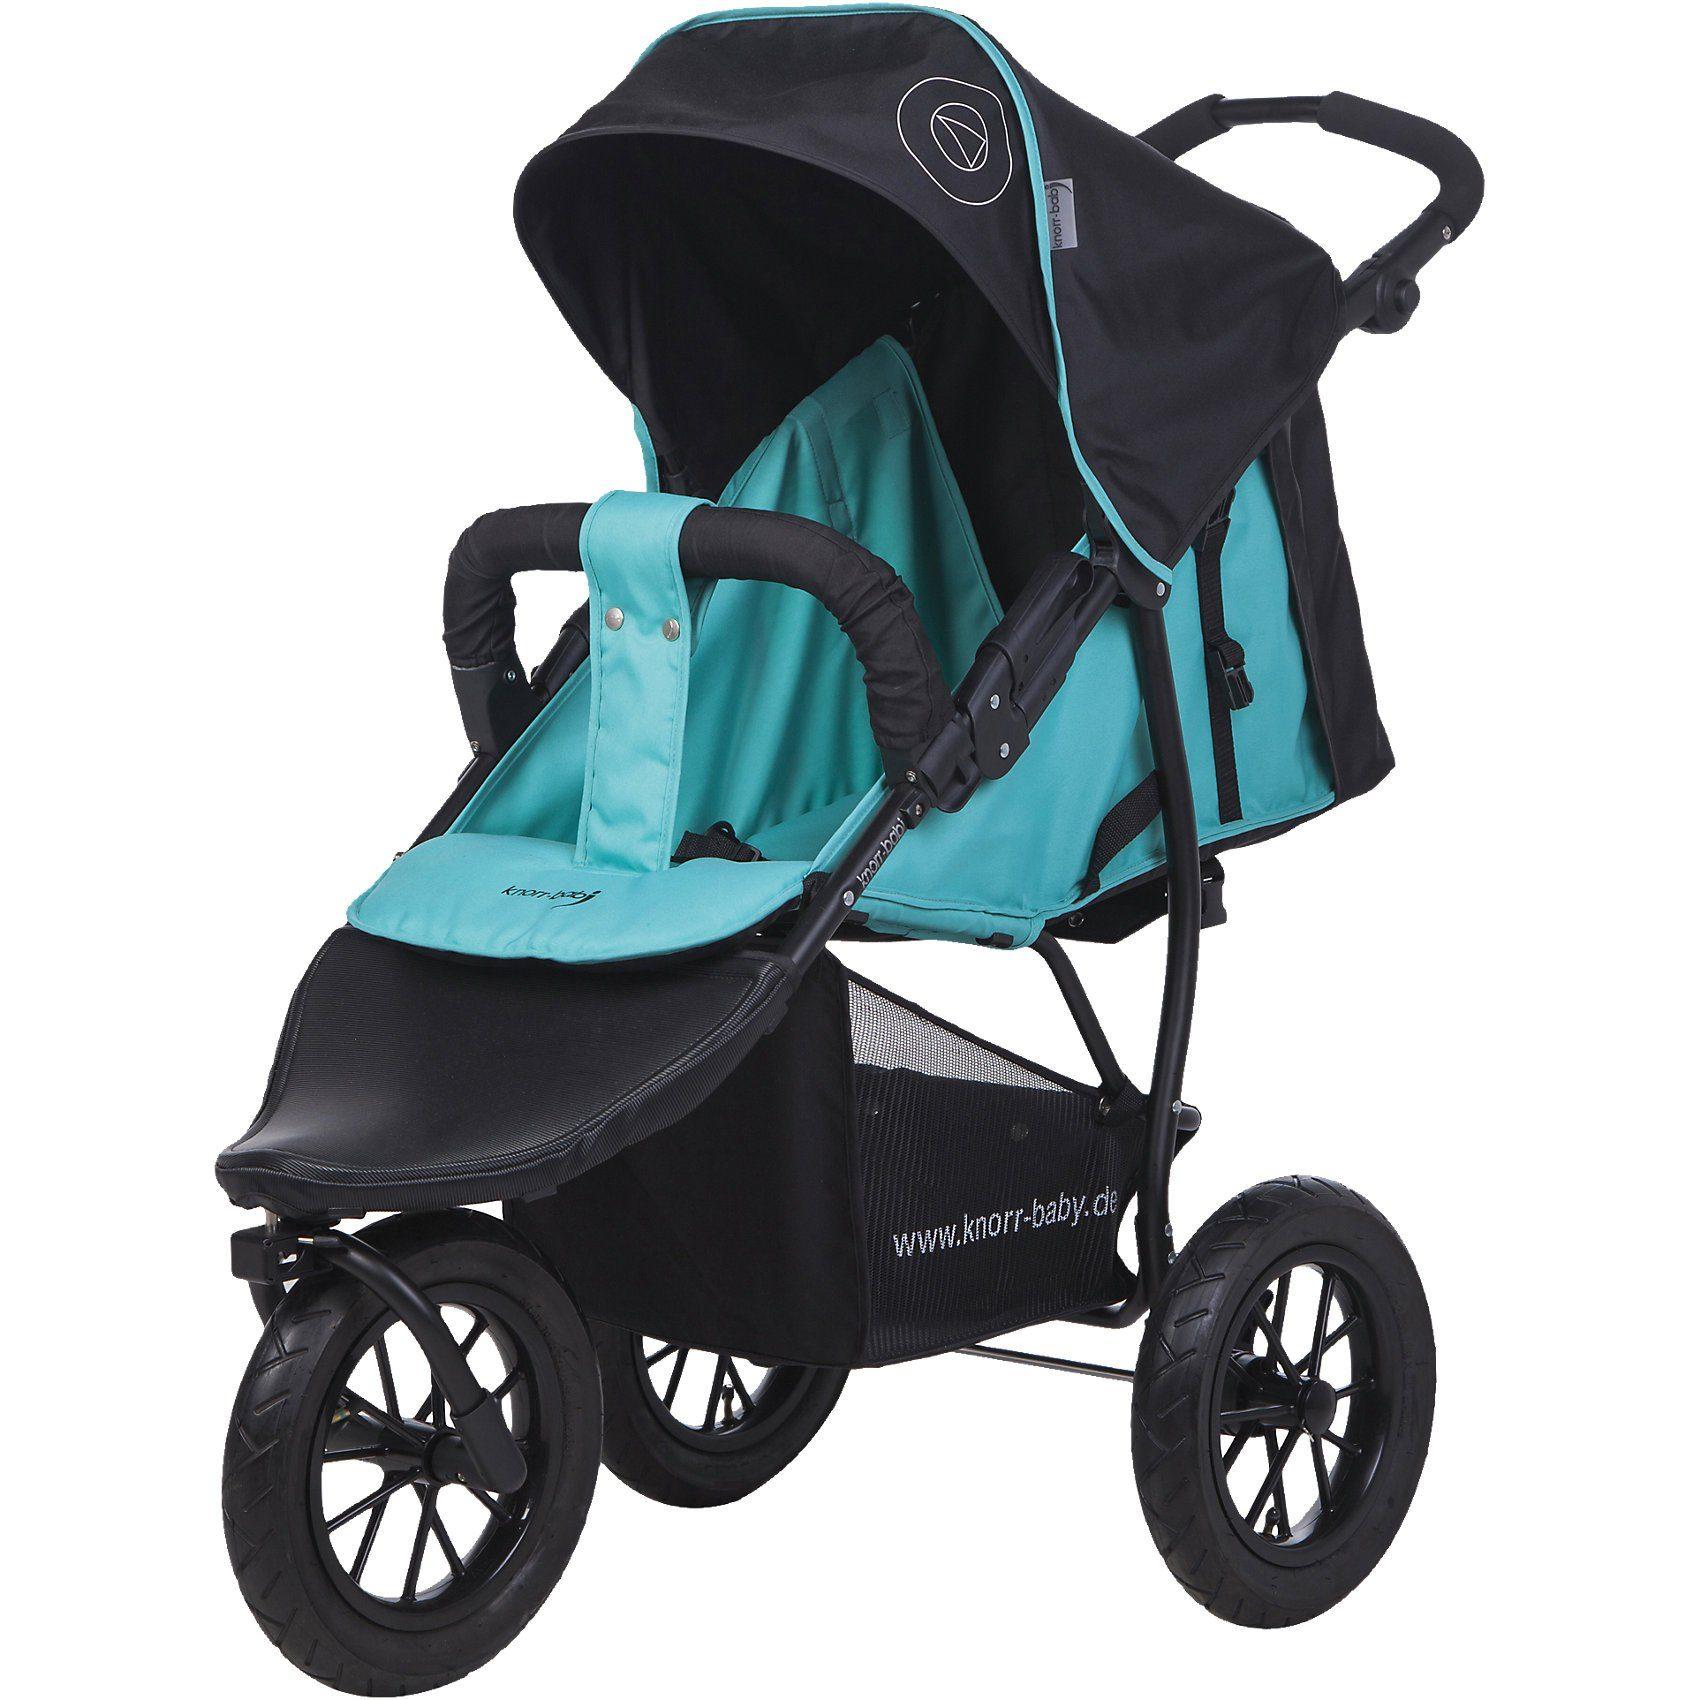 knorr-baby Jogger Joggy S Happy Colour mit Schlummerverdeck, blau